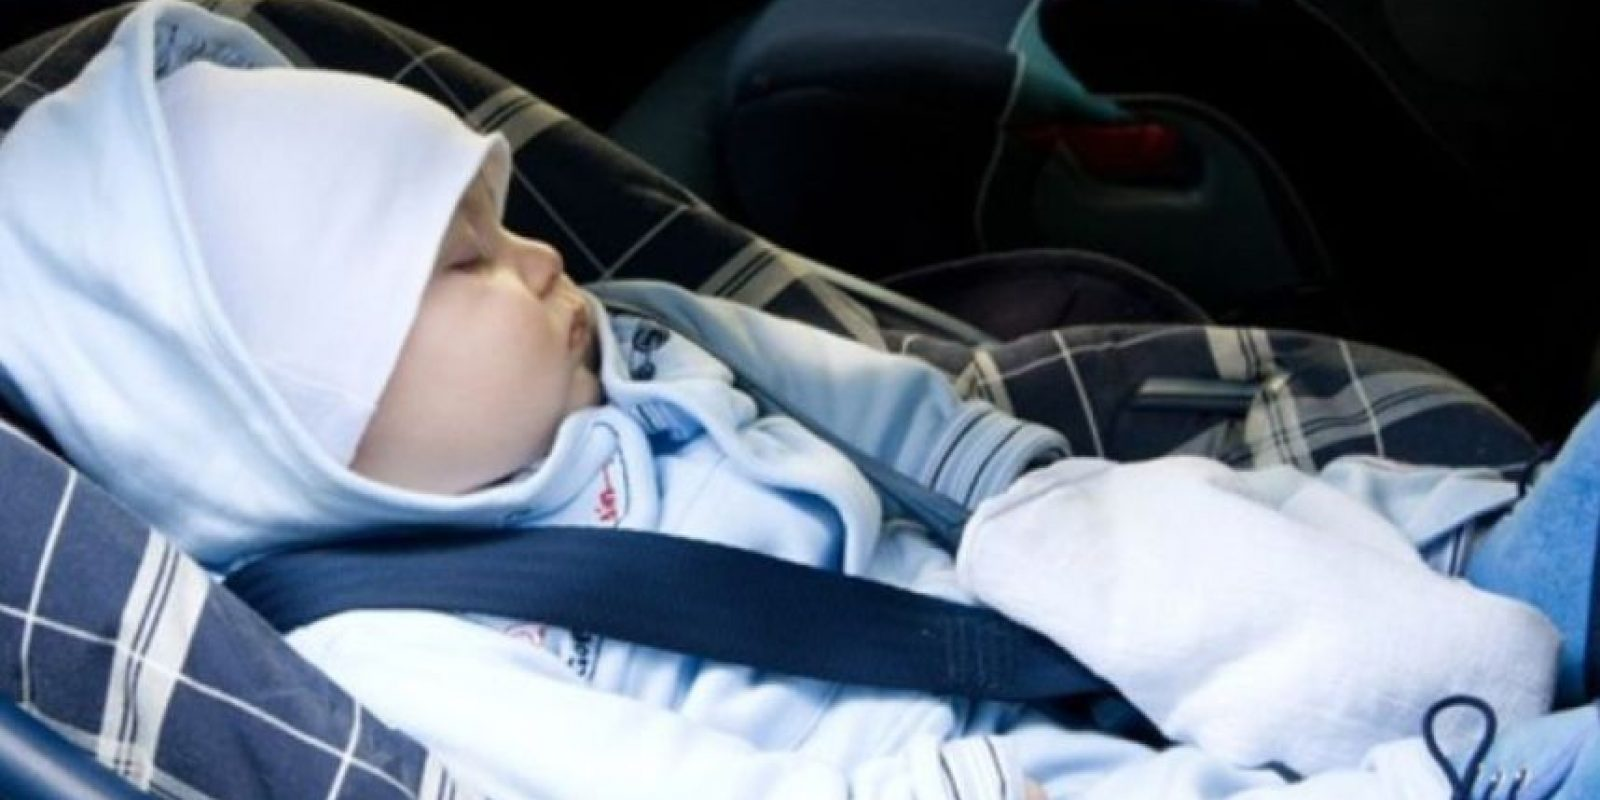 3. Podrían, en el apuro, olvidar las llaves del auto dentro, junto con su hijo. Foto:VíaTumblr